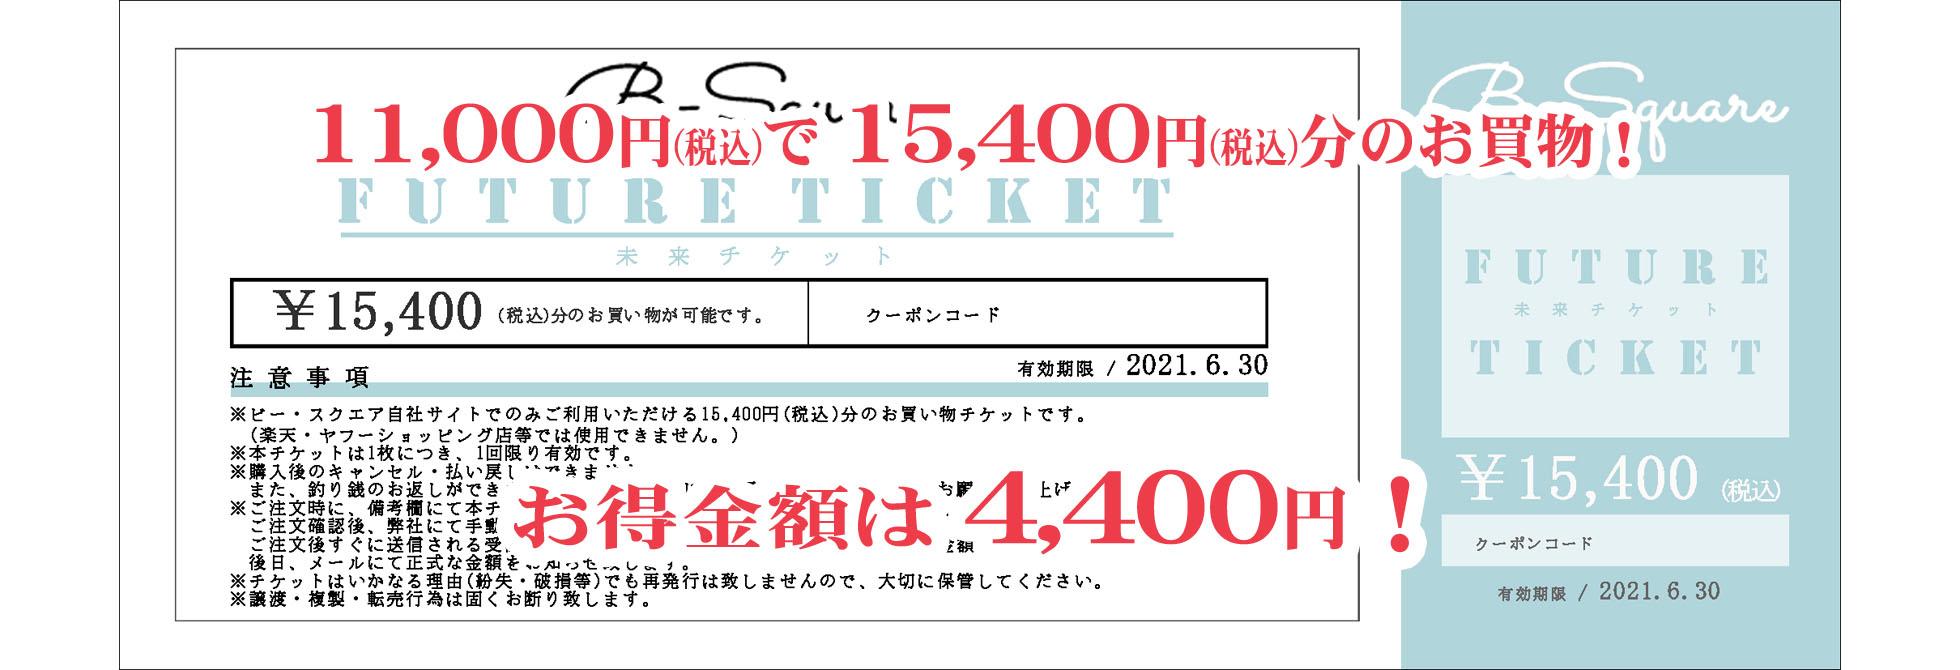 未来チケット11000円で154000円